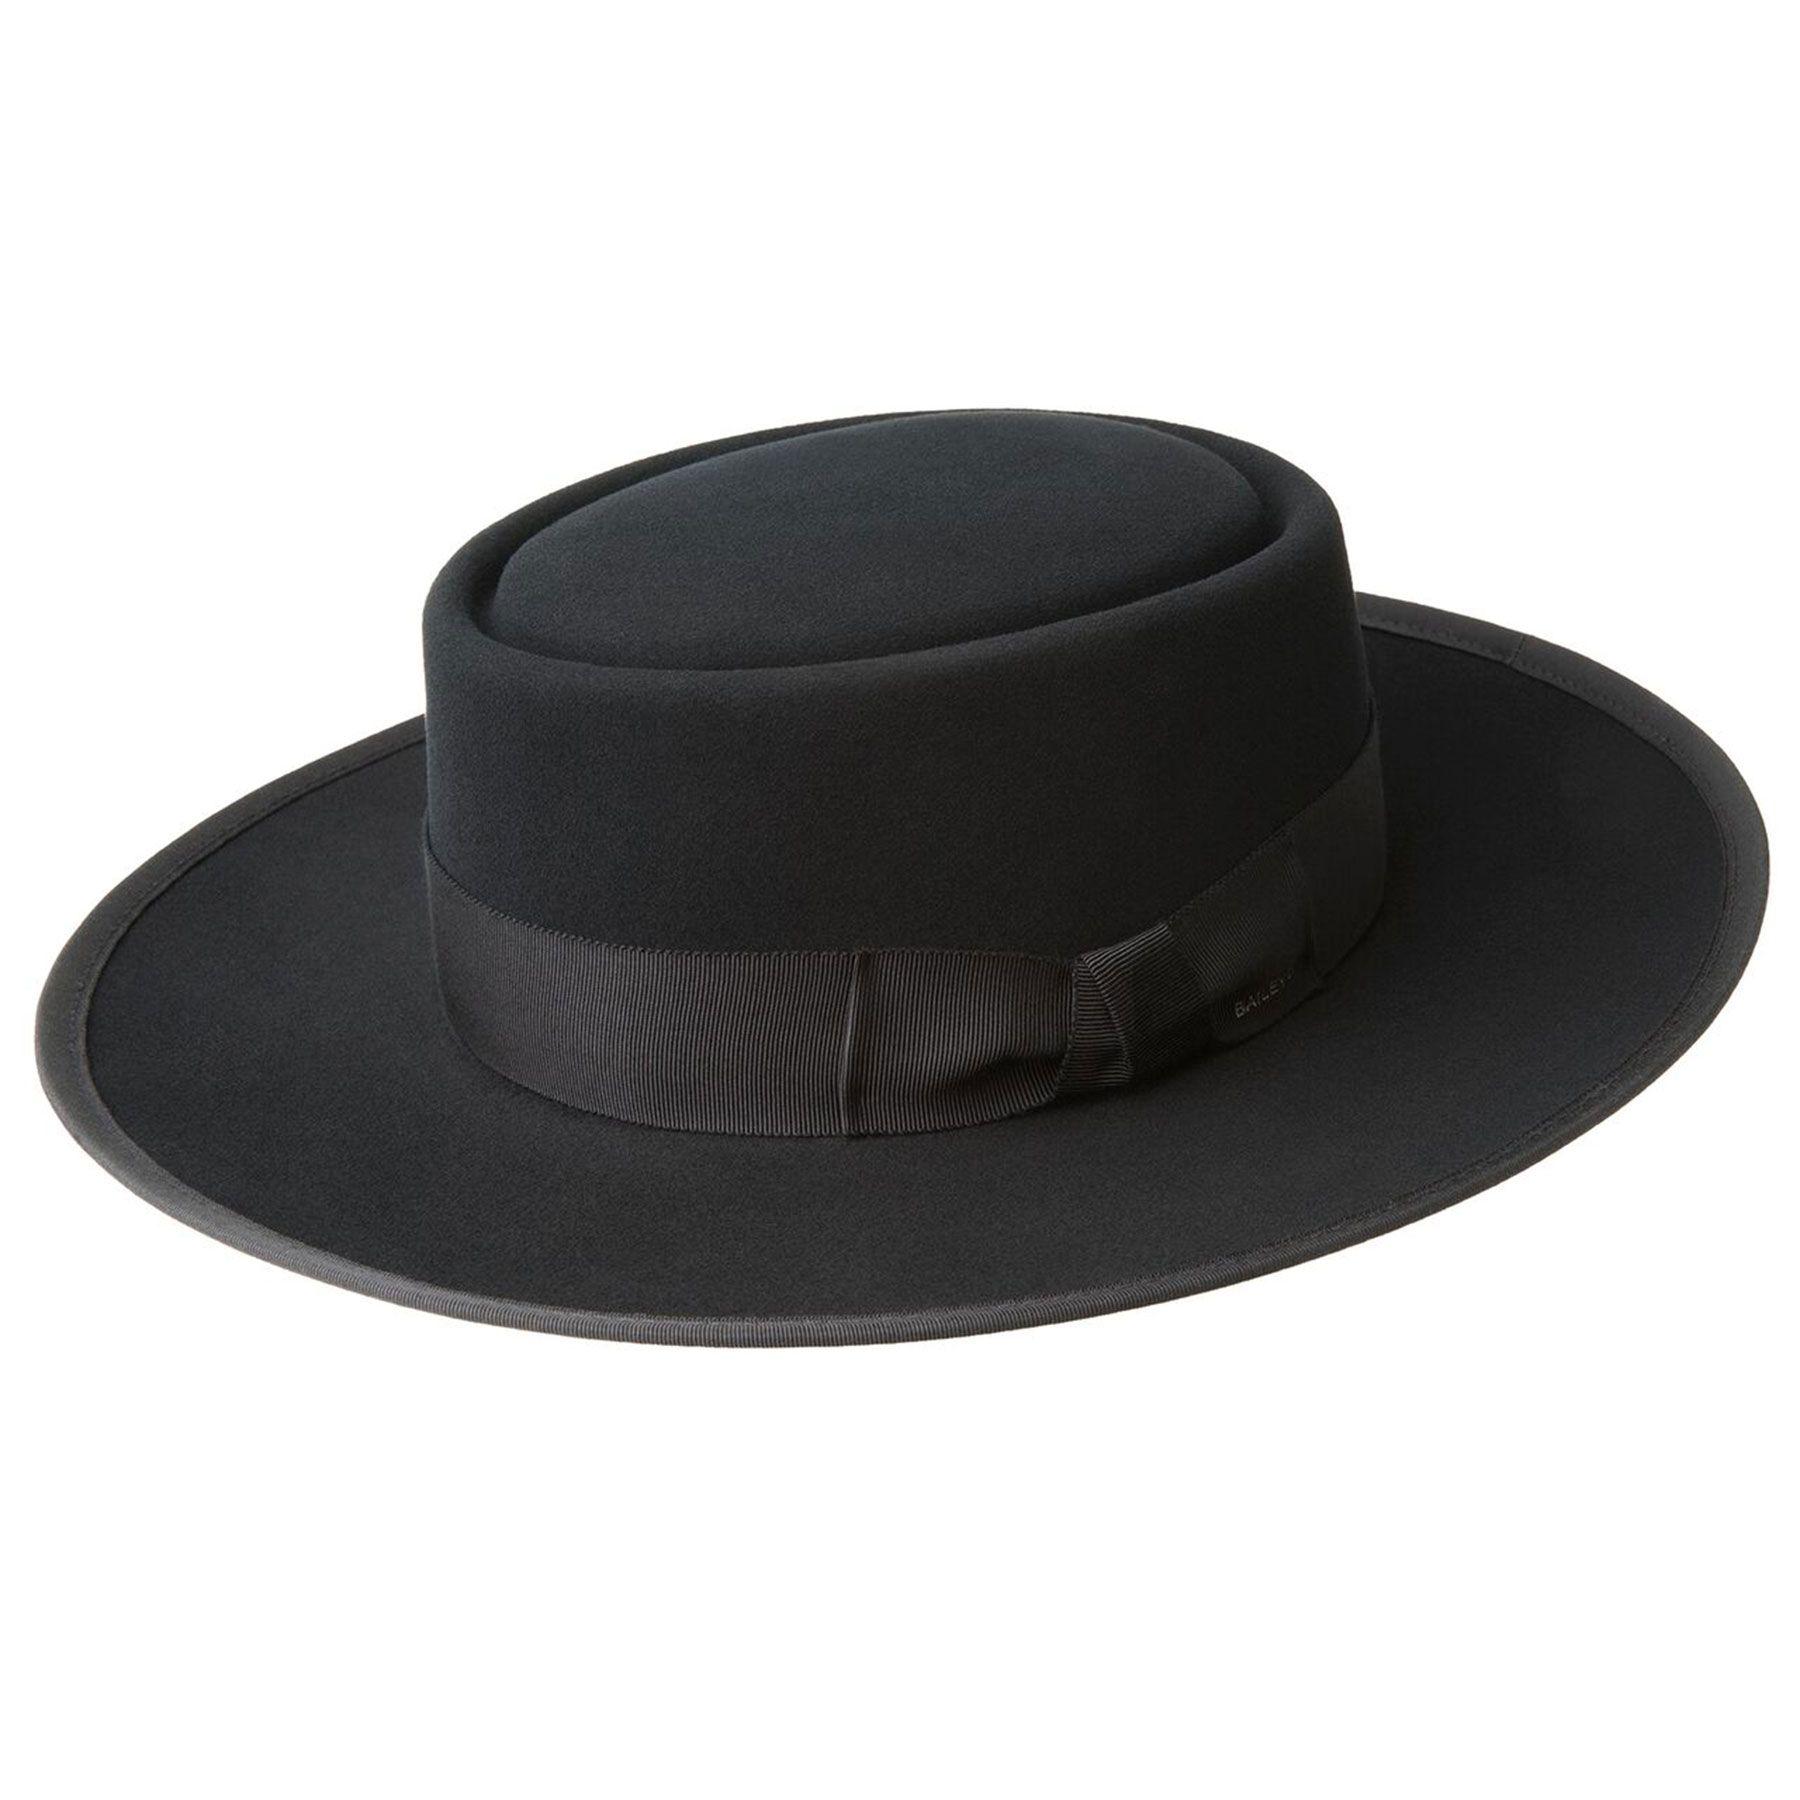 385cb67d6b352 Victorian Men s Hats- Top Hats